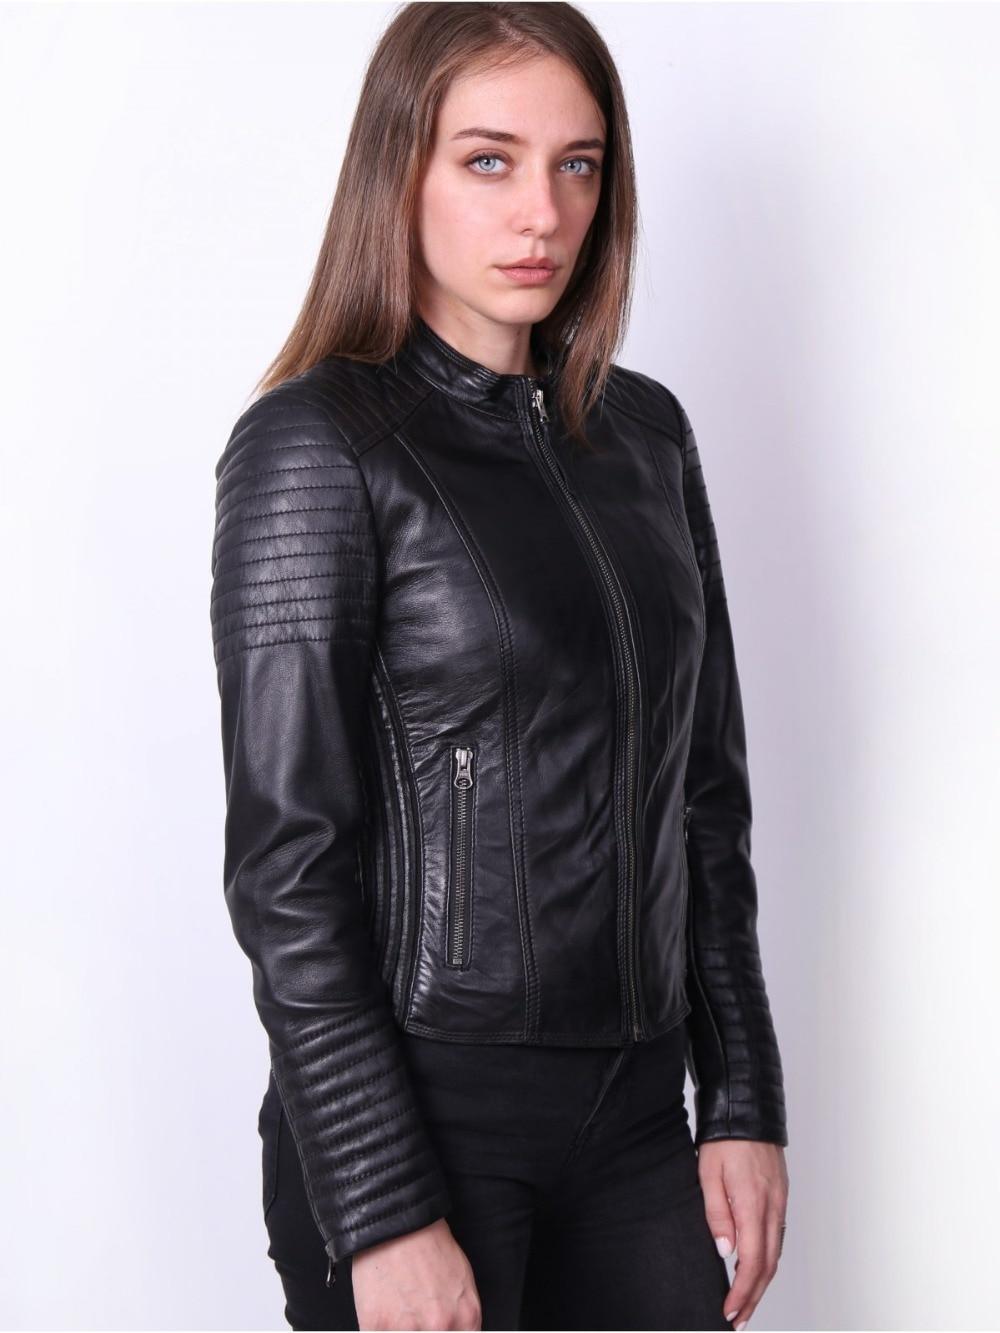 Vinas marca europeia mulheres jaqueta de couro genuíno para as mulheres real jaqueta de couro de ovelha motocicleta jaquetas motociclista rainha